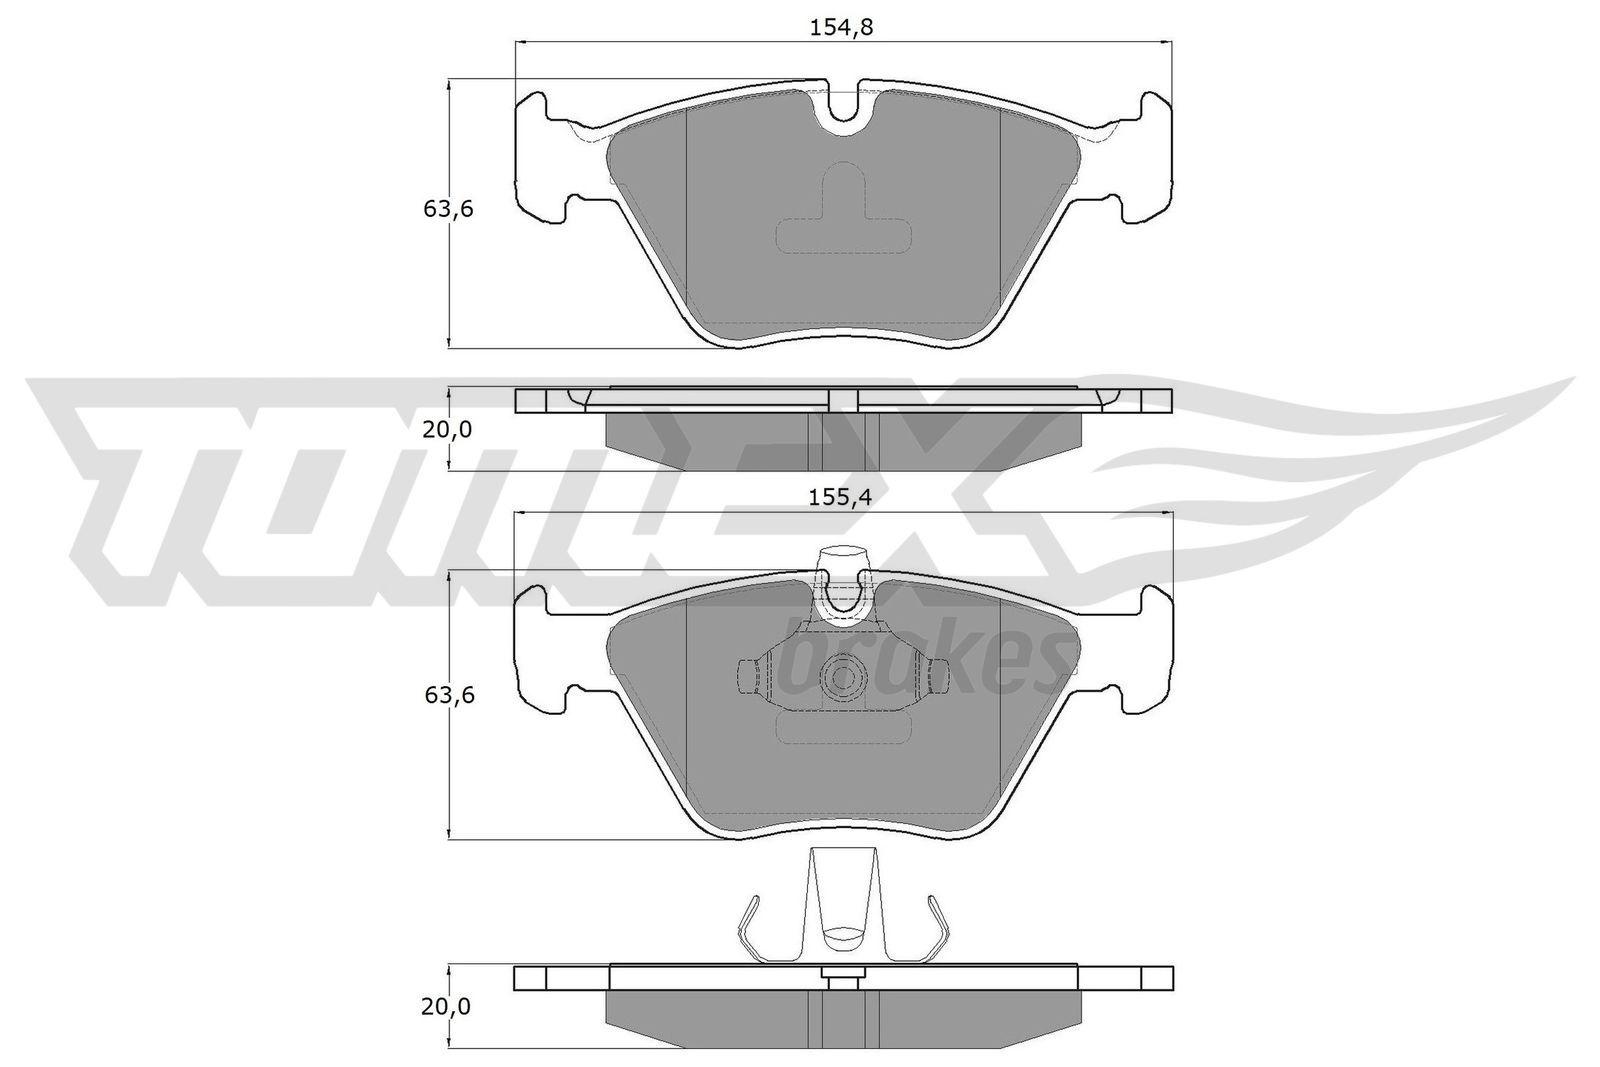 Bremsbeläge TX 13-18 TOMEX brakes 21677 in Original Qualität